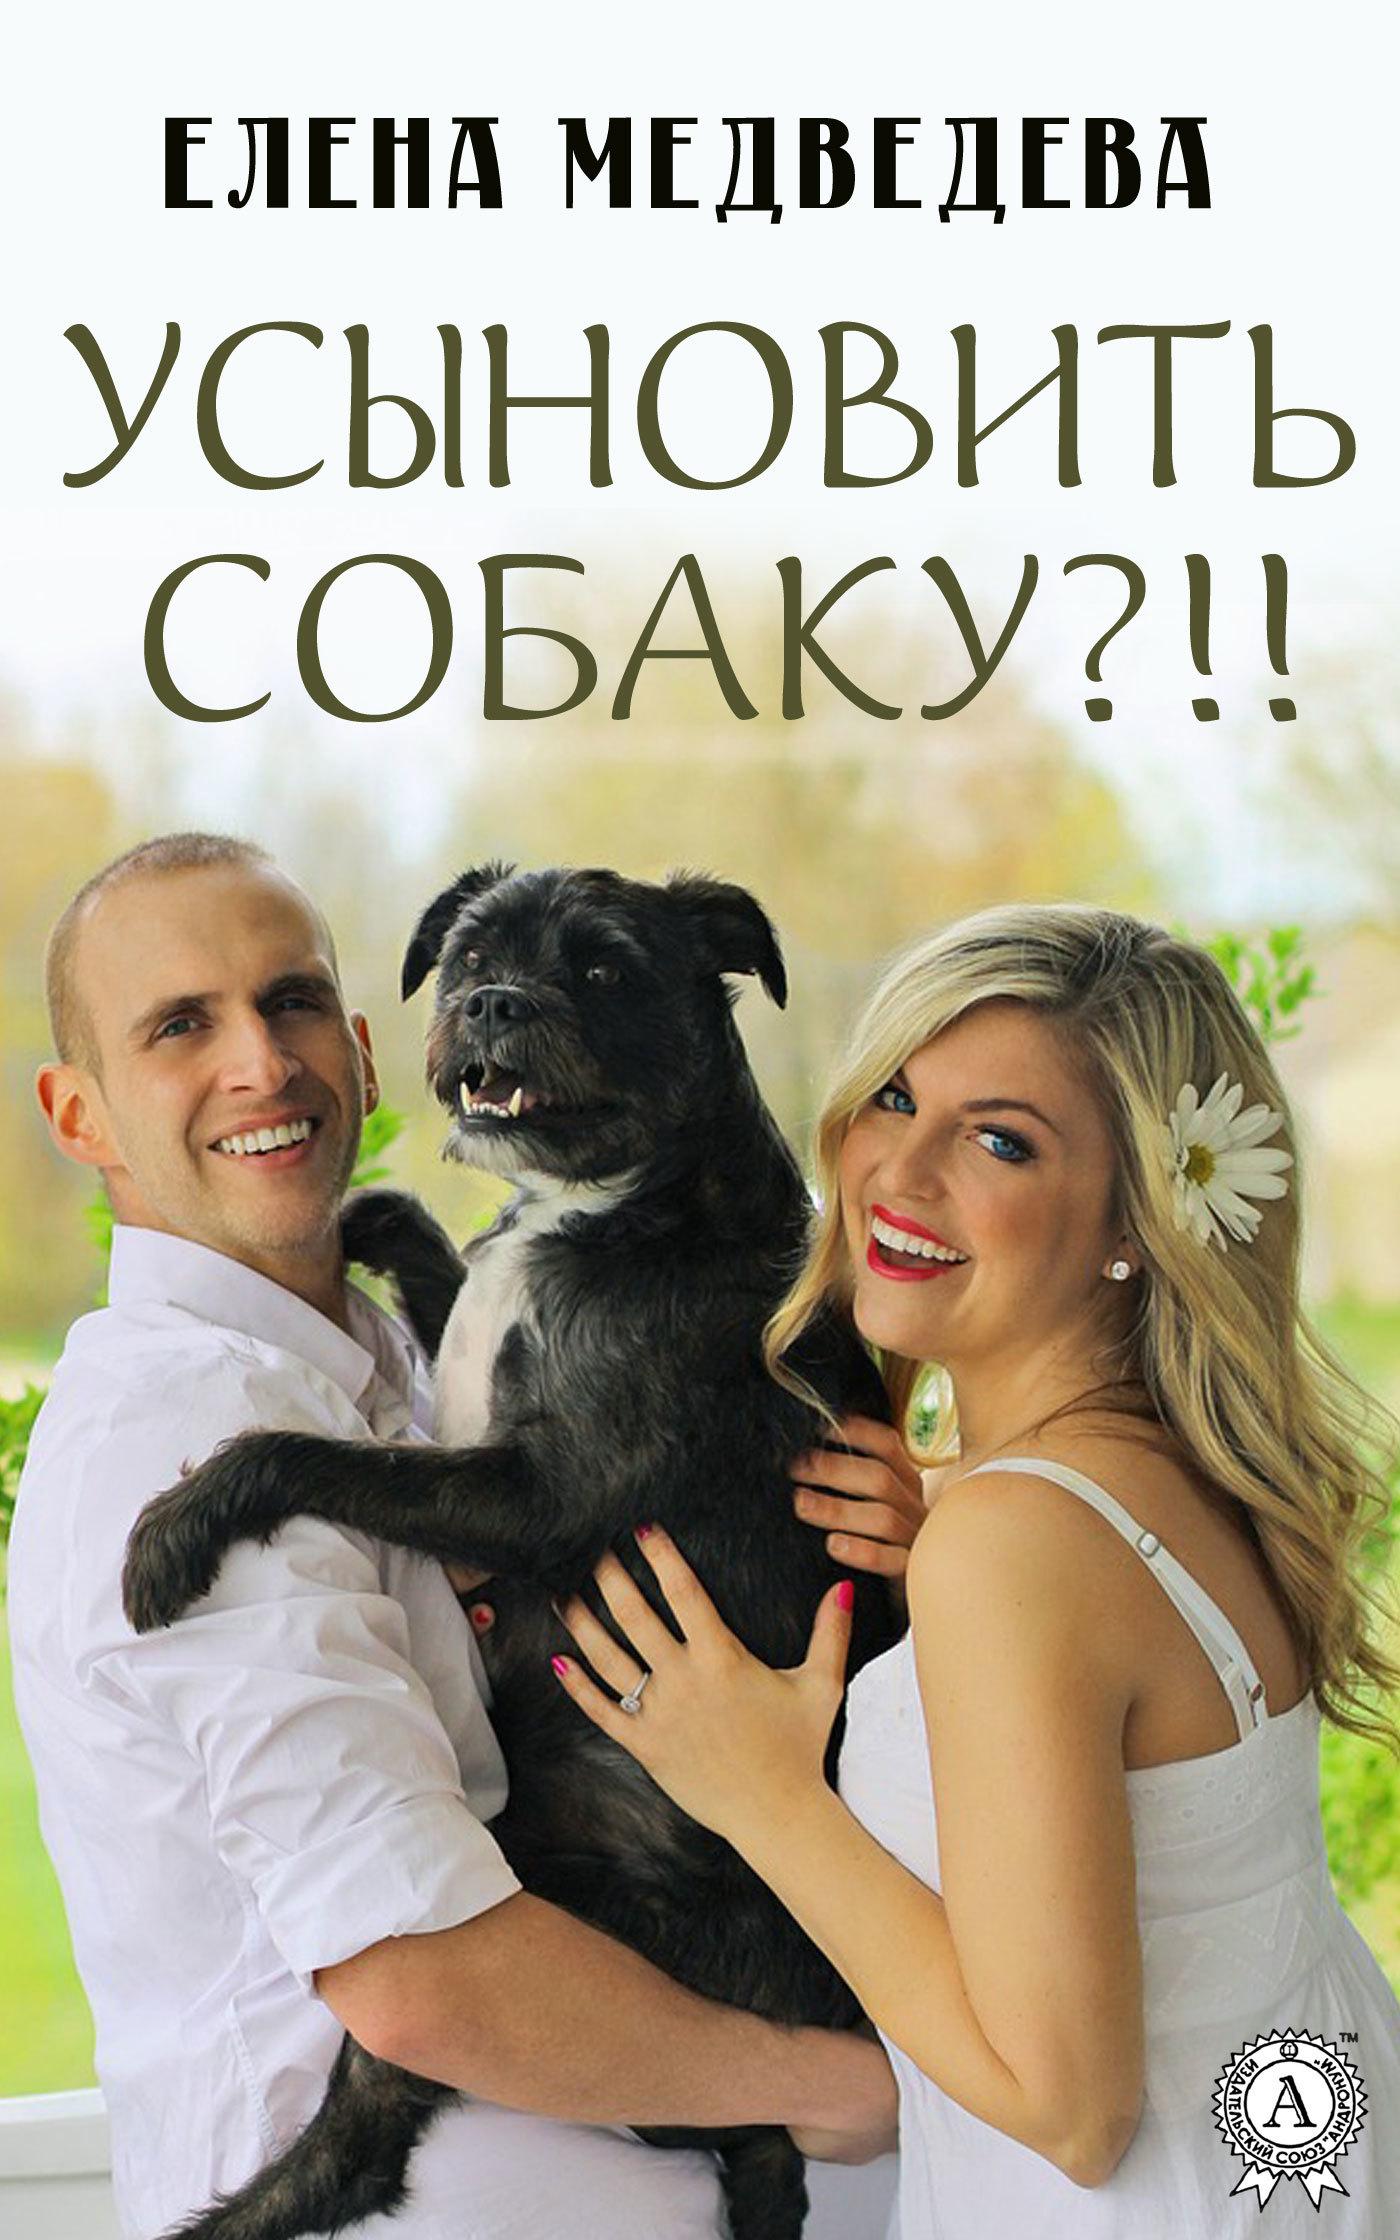 Купить книгу Усыновить собаку?!!, автора Елены Медведевой